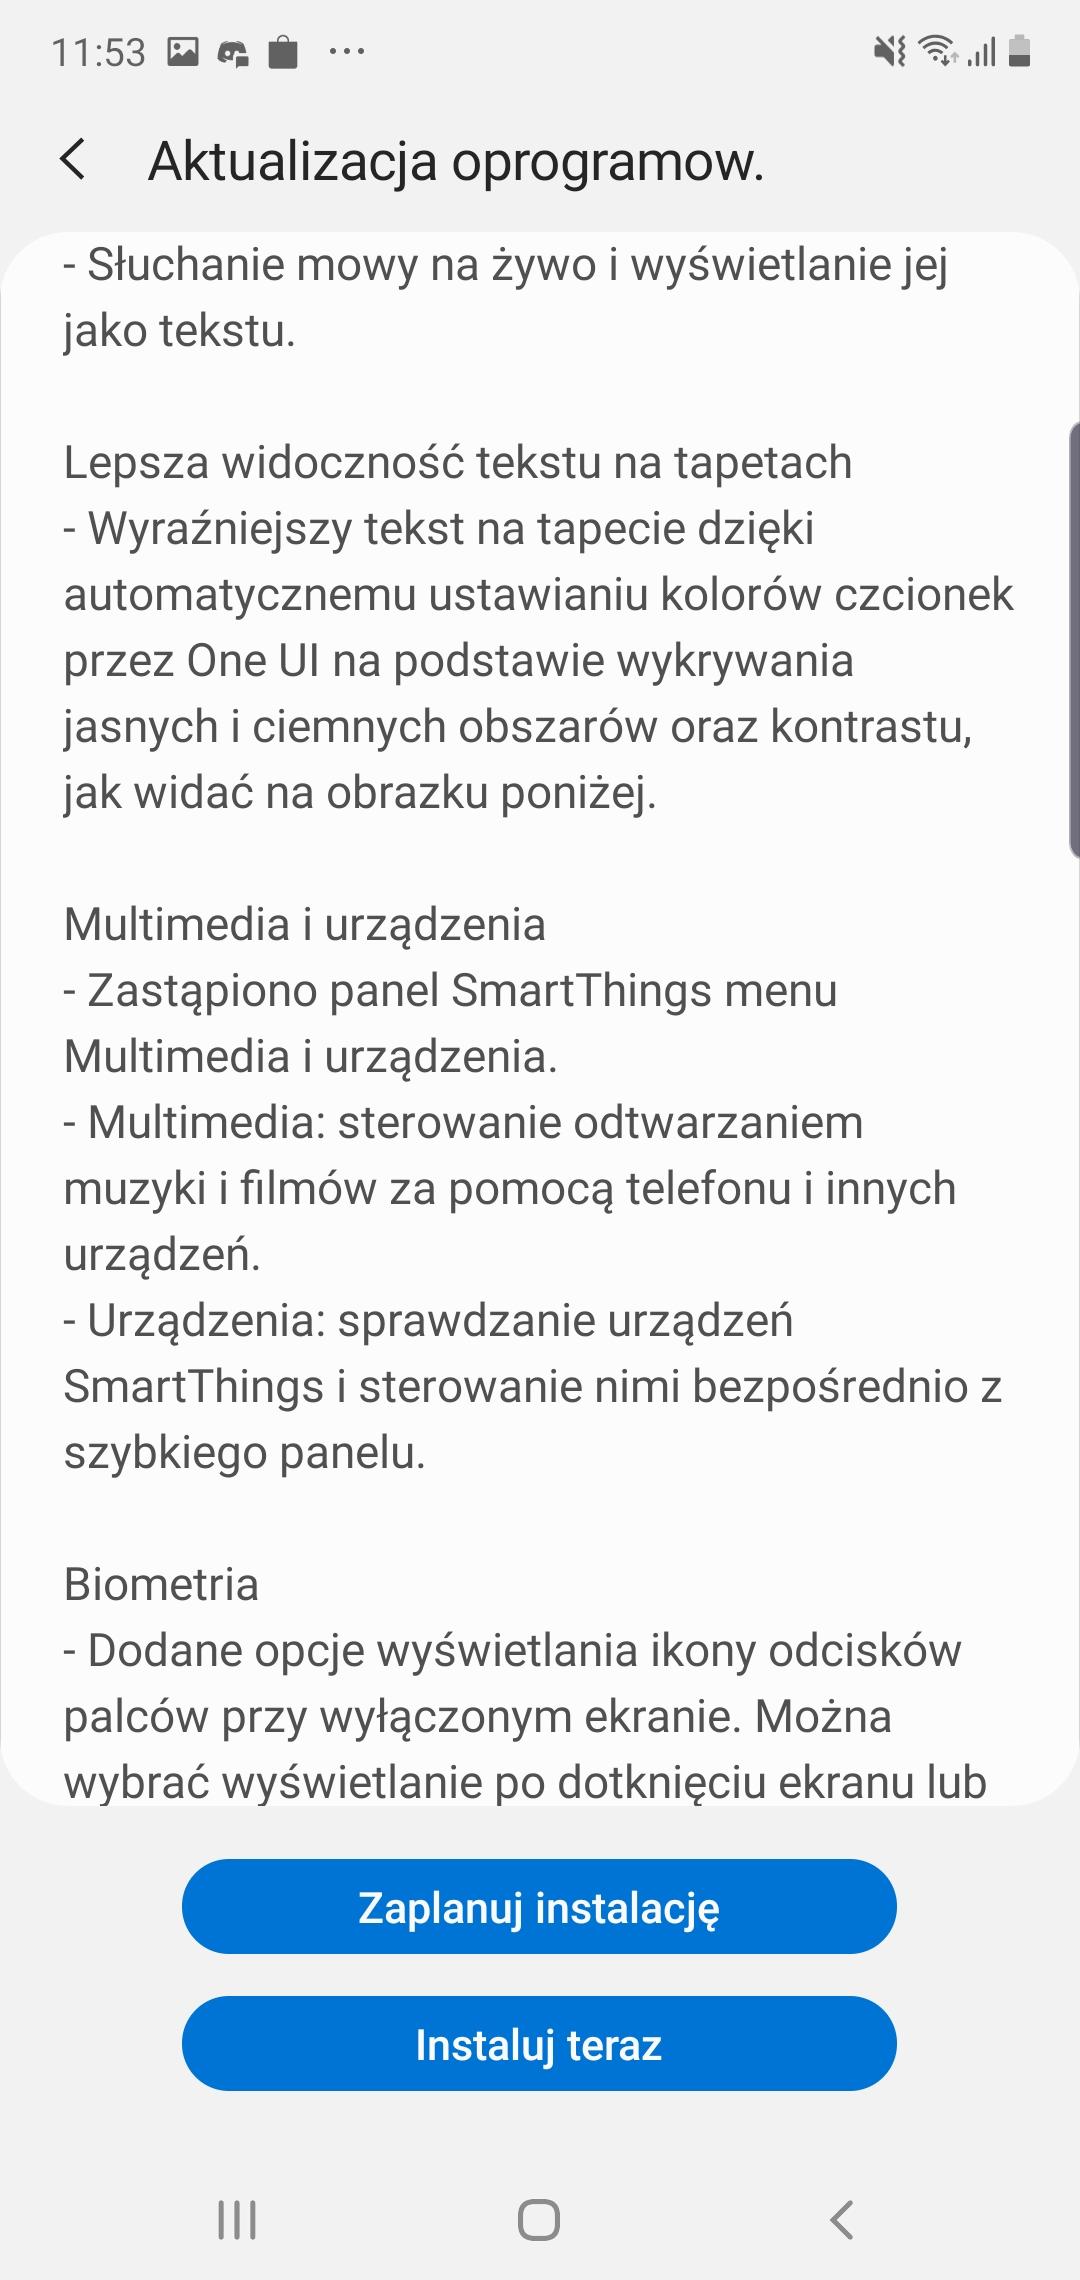 Samsung Galaxy Note 10+ dostaje aktualizację do Androida 10 i One UI 2 w Polsce! 20